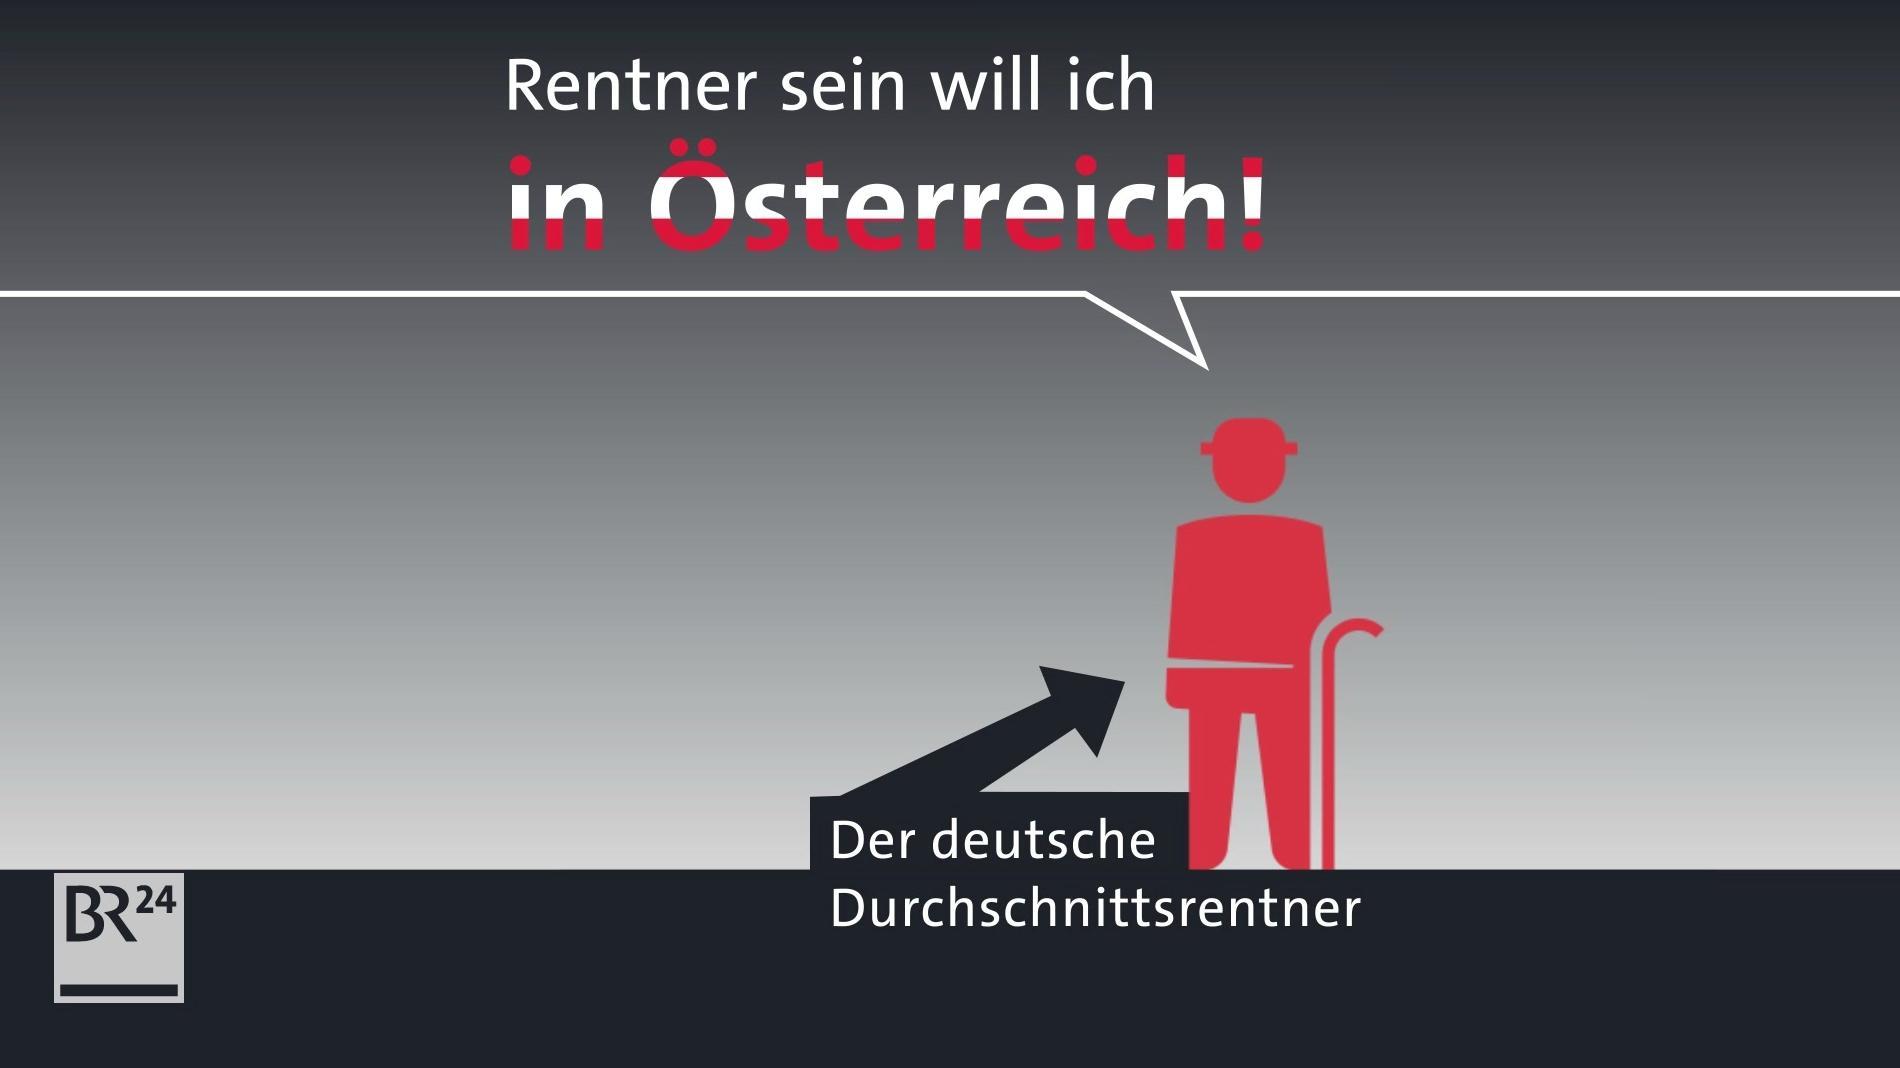 #fragBR24💡 Wieso kriegen österreichische Rentner so viel mehr?